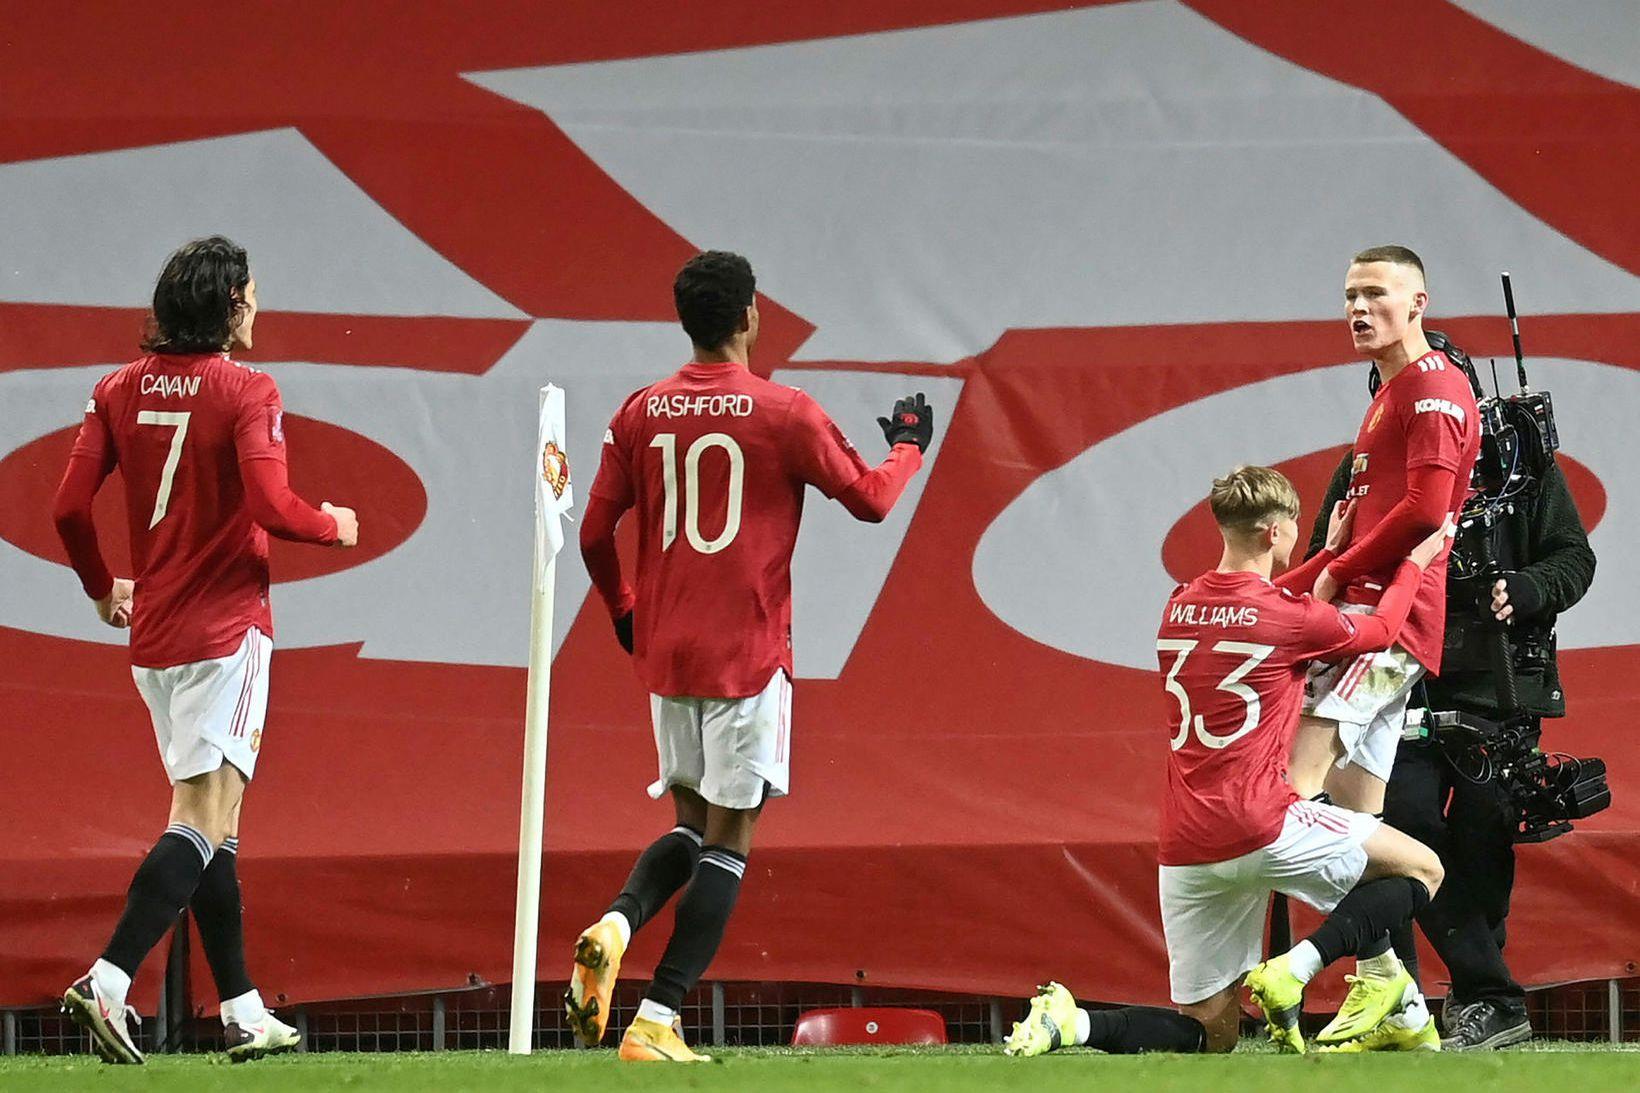 Leikmenn Manchester United fagna Scott McTominay, sem skoraði sigurmark liðsins.